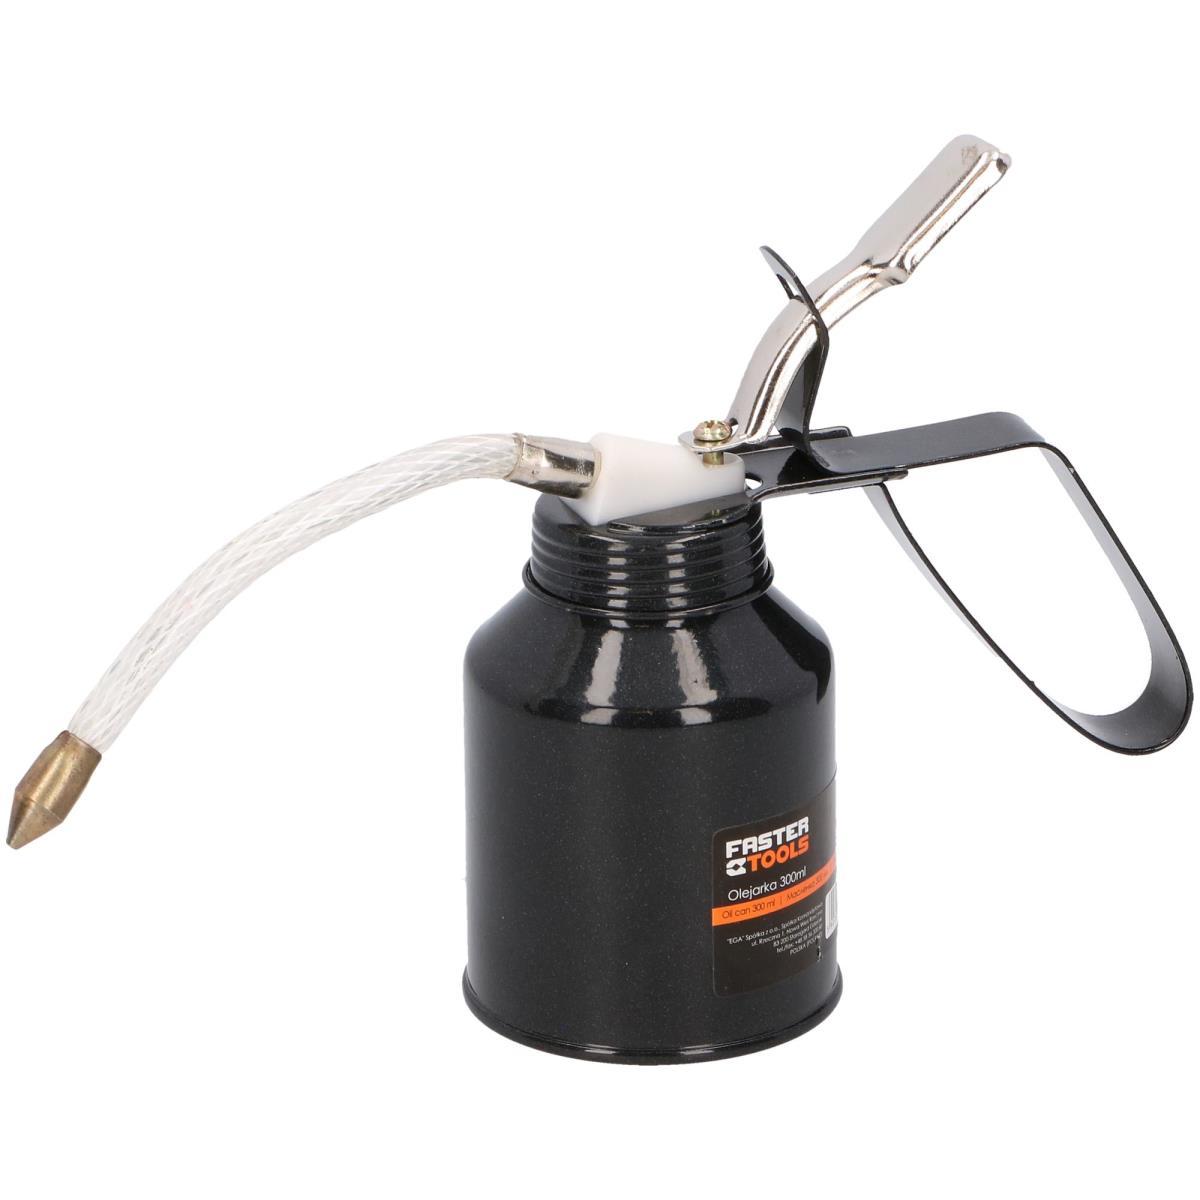 Ölkanne 300ml Ölspritzkanne Ölspritze Ölspritzkännchen mit flexiblem Schlauch,fast,1473, 5907078914732